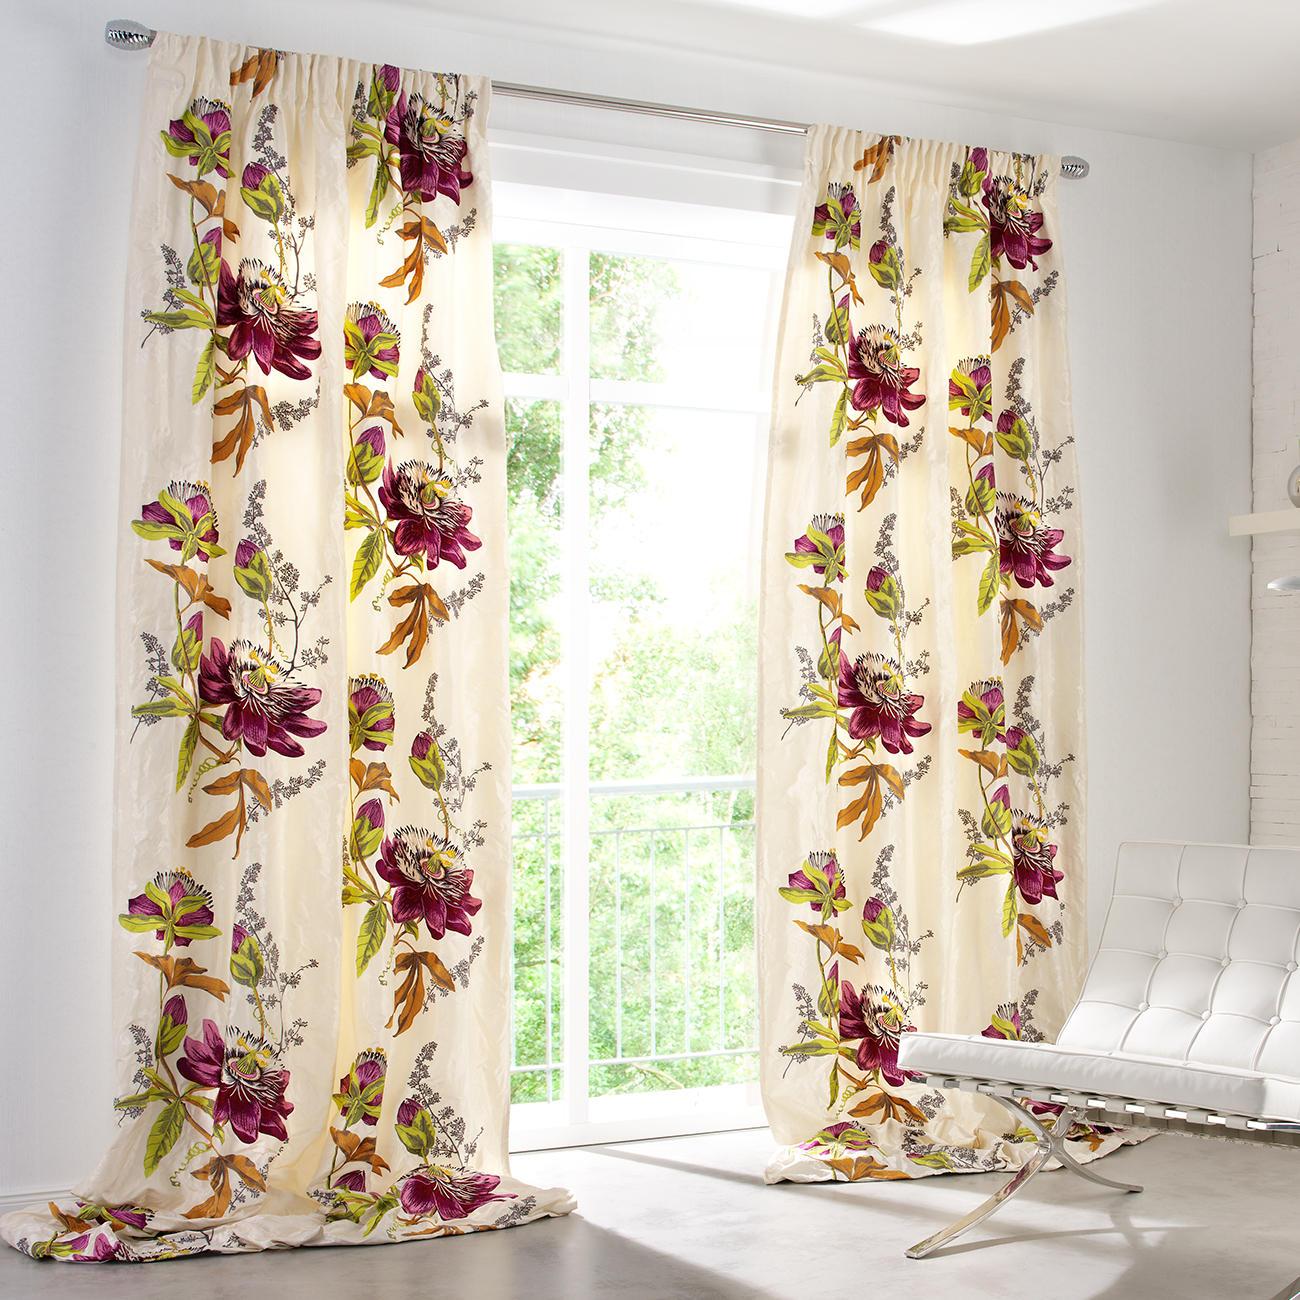 vorhang passion flower 1 st ck vorh nge online kaufen. Black Bedroom Furniture Sets. Home Design Ideas